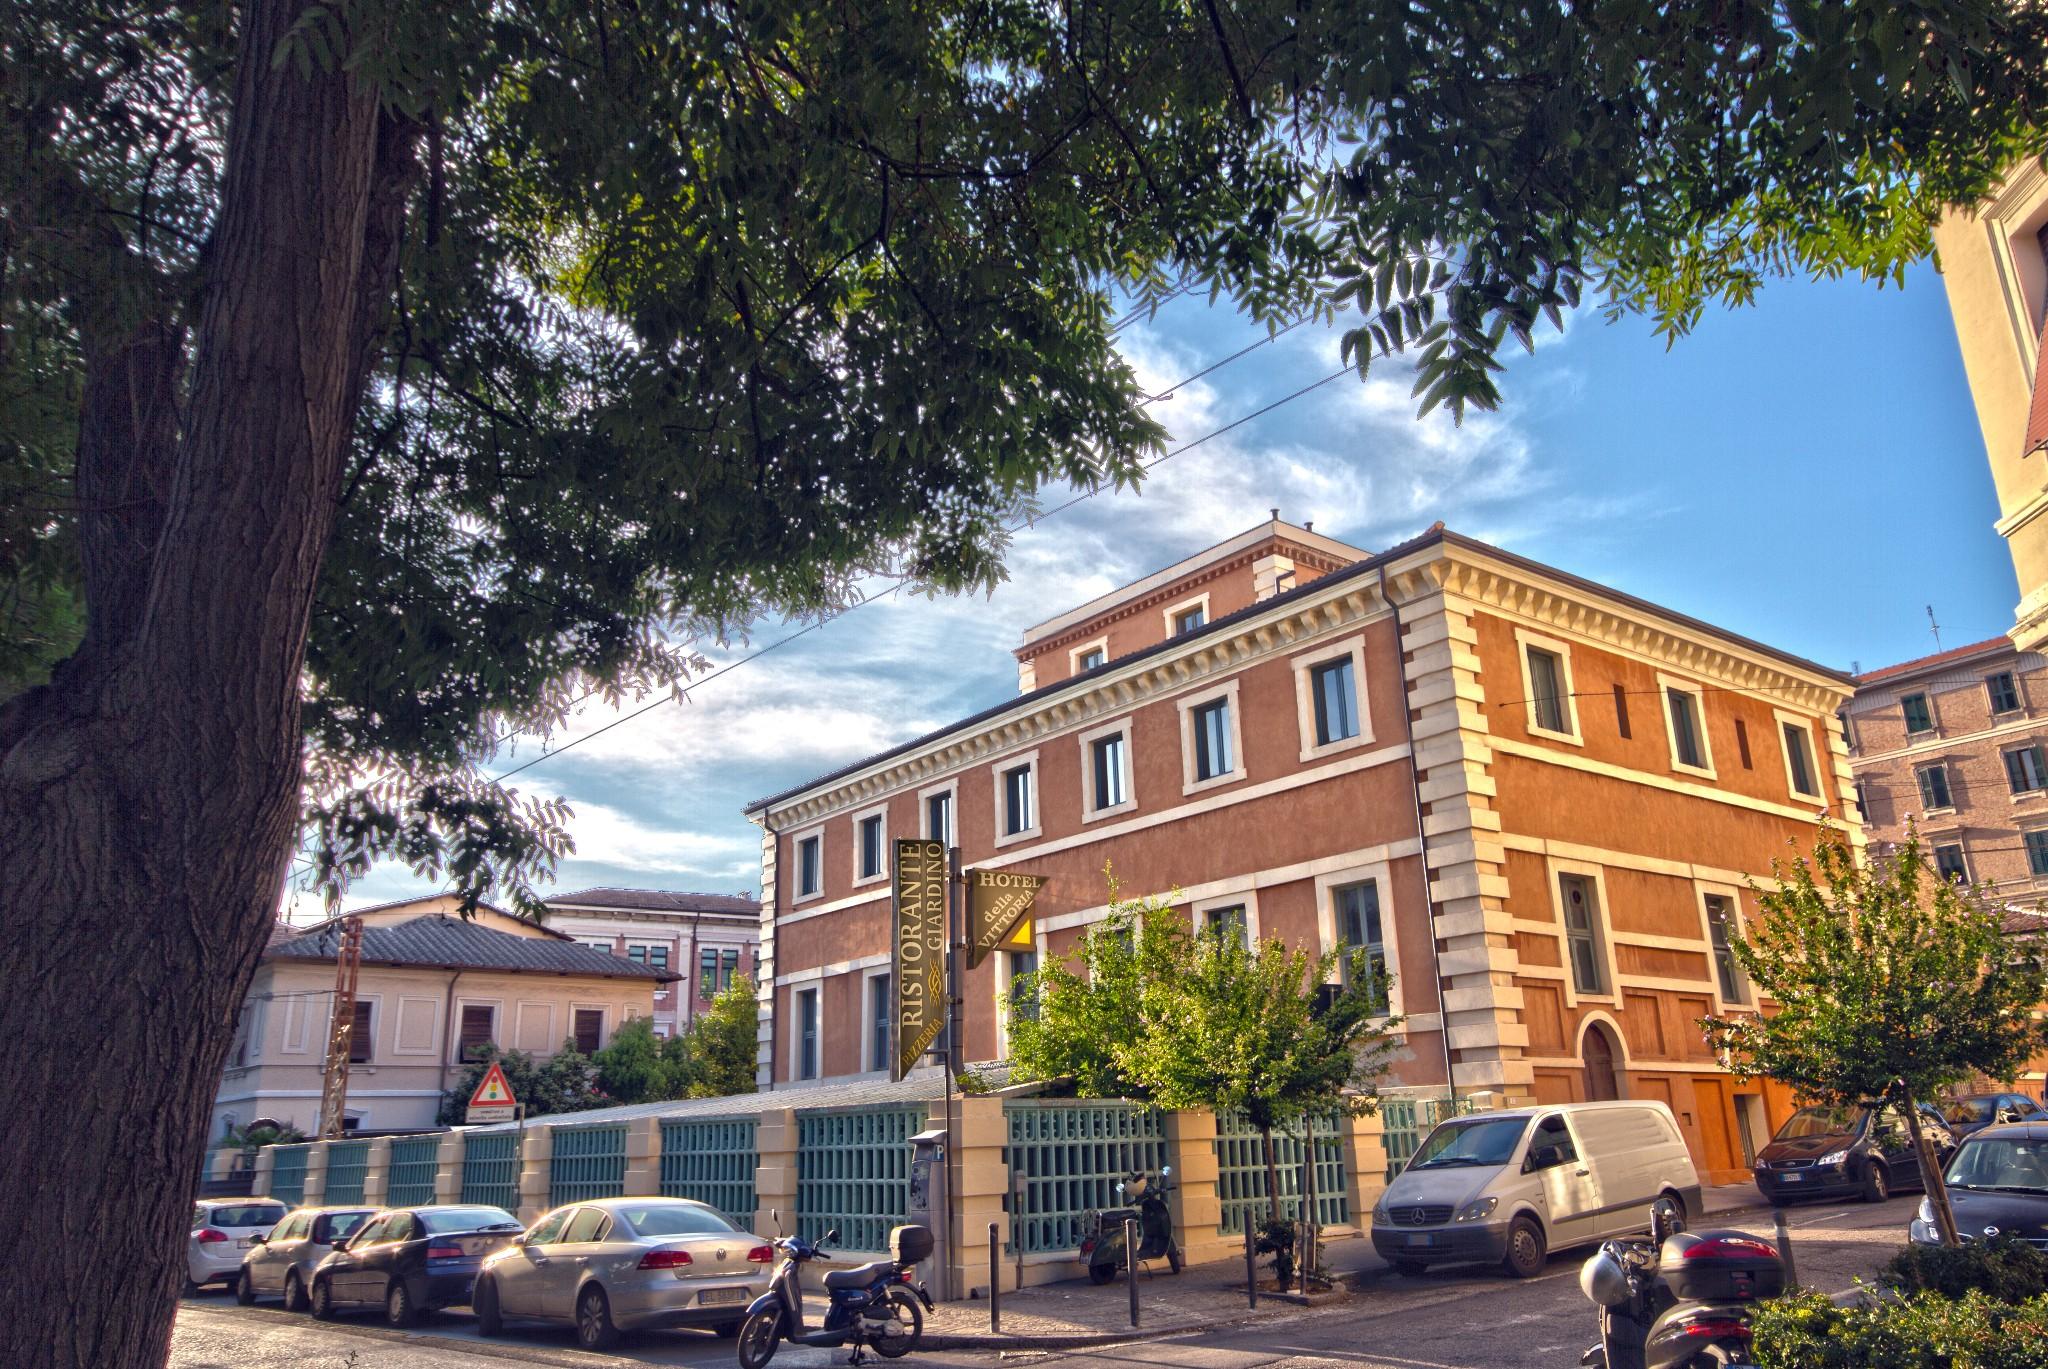 Hotel della vittoria ancona visit italy